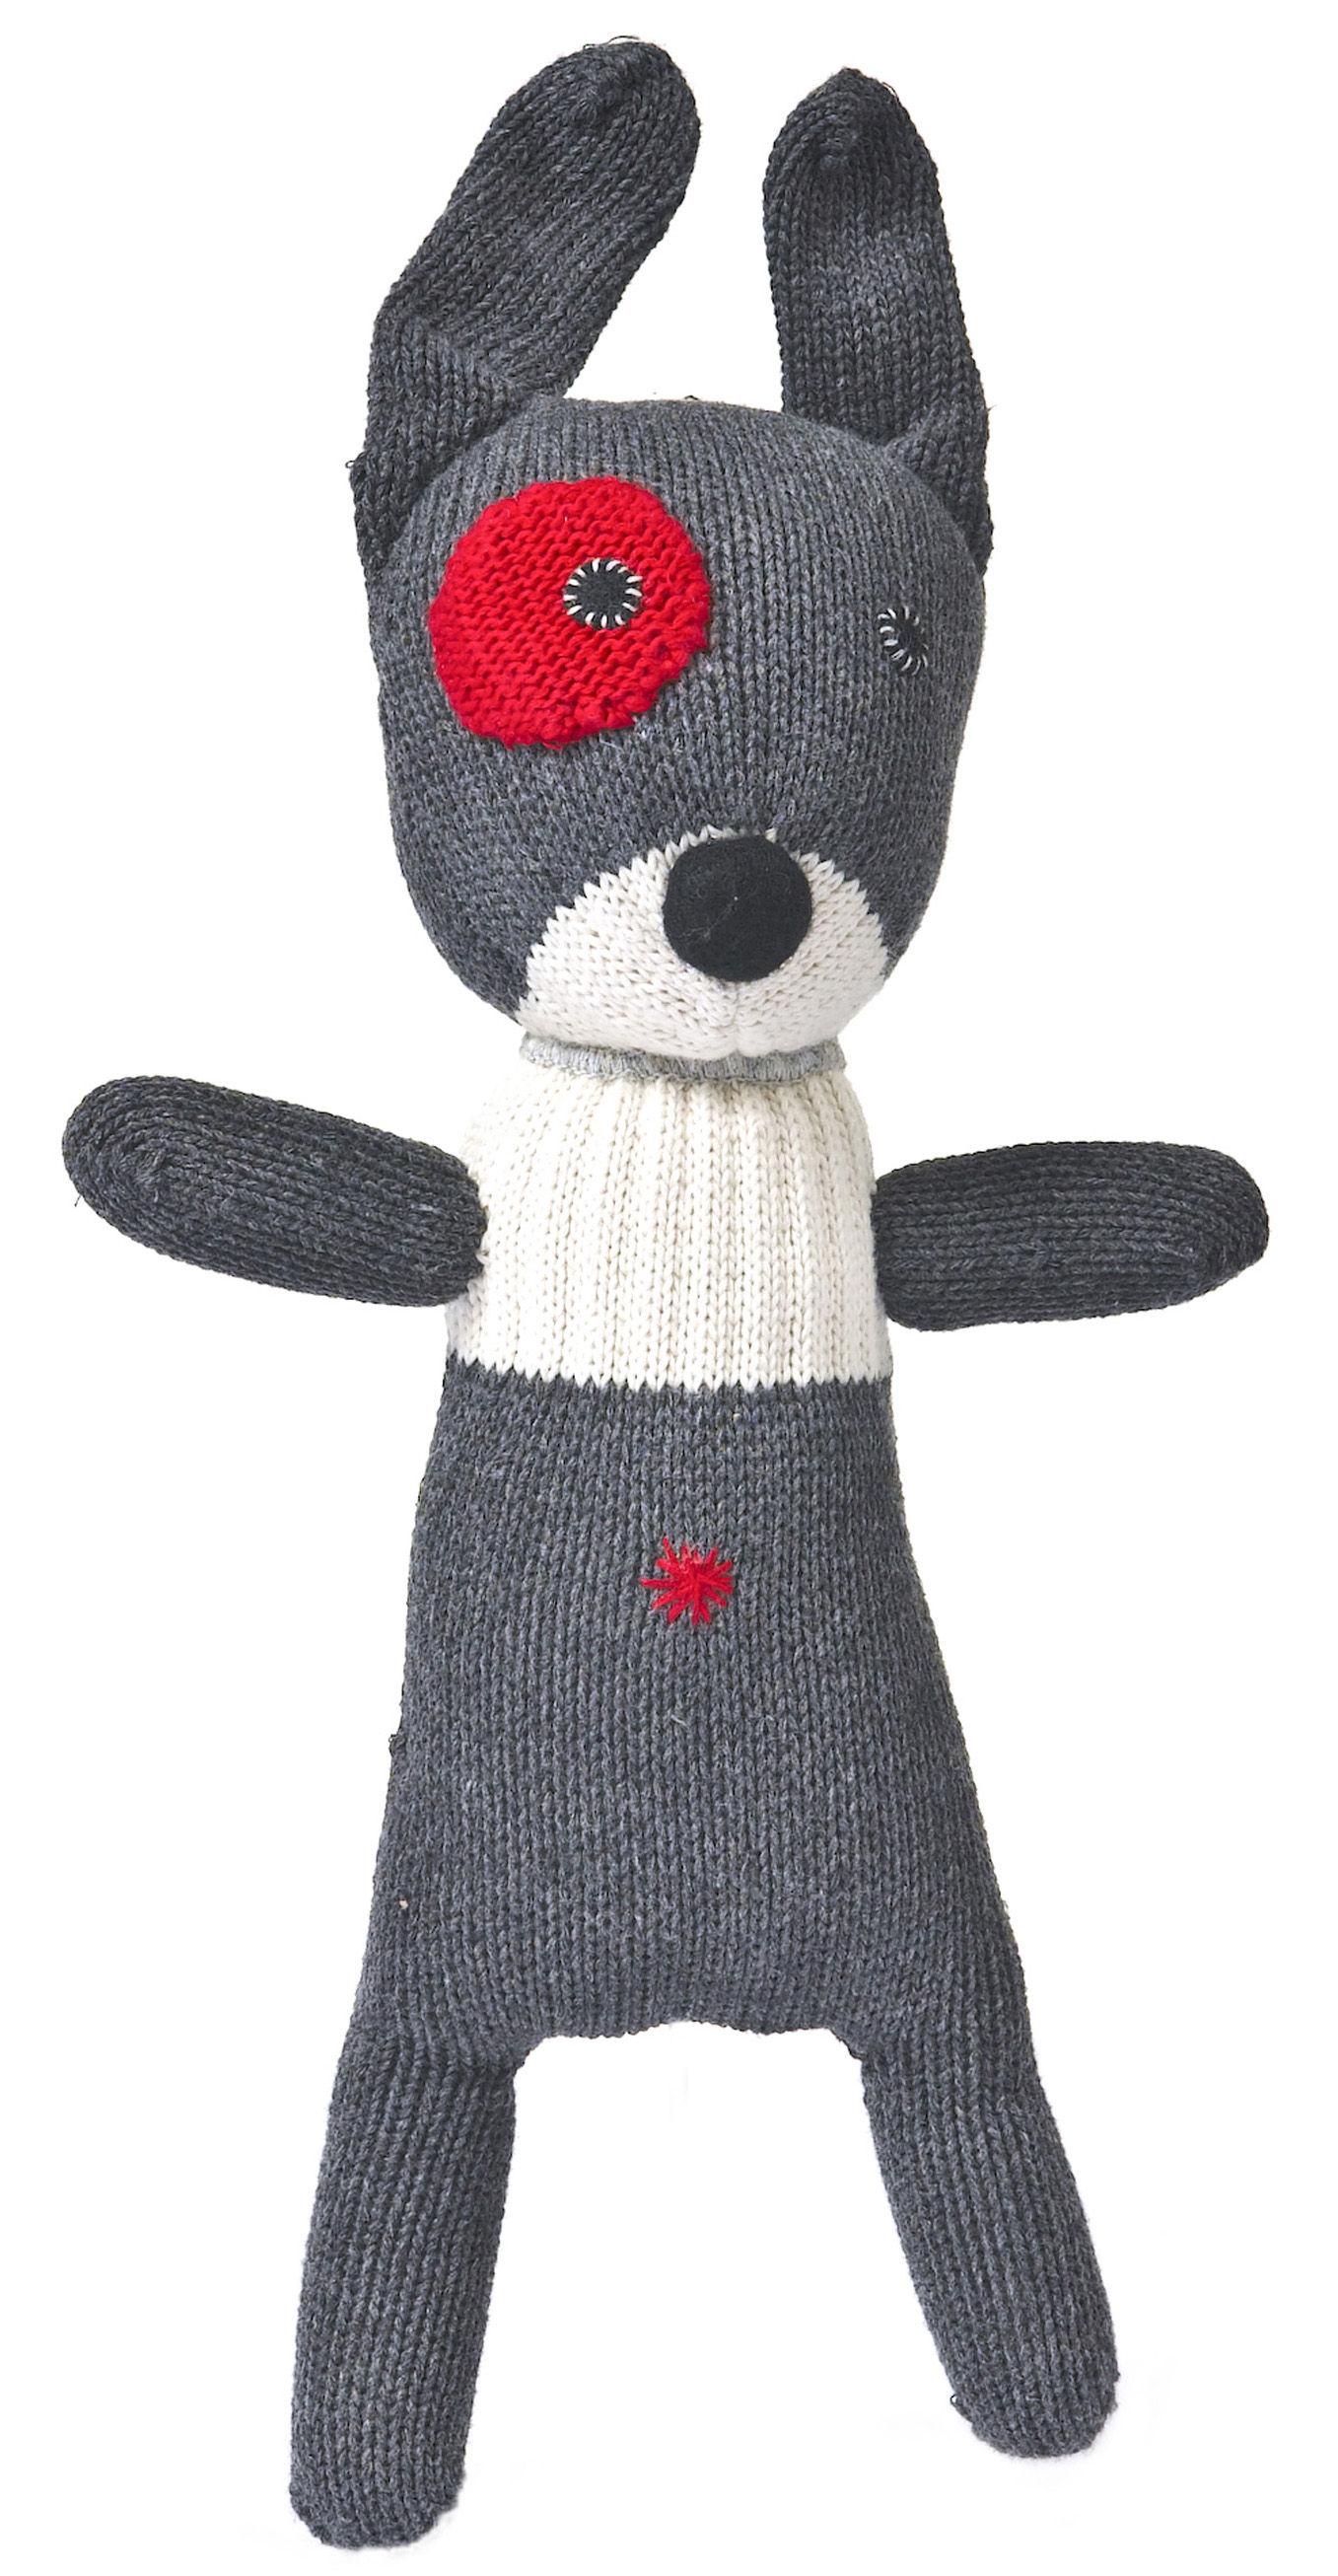 Déco - Pour les enfants - Peluche New small dog en crochet - Anne-Claire Petit - Gris - Coton